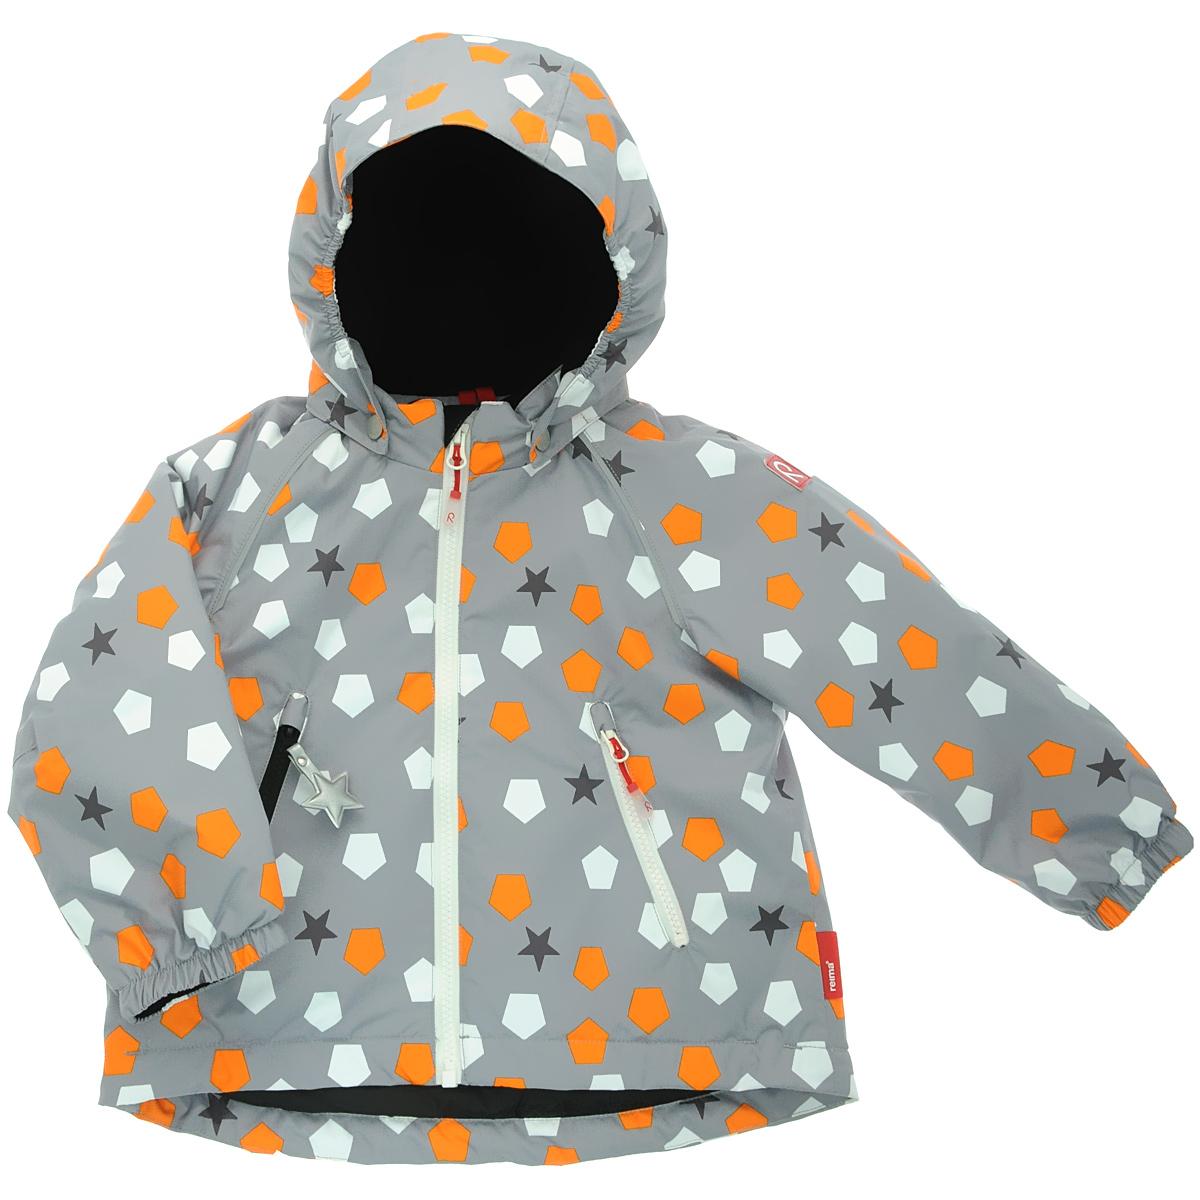 Куртка511146-6512Теплая детская куртка Reima Kiddo Grumium идеально подойдет для ребенка в холодное время года. Куртка изготовлена из водоотталкивающей и ветрозащитной мембранной ткани с утеплителем из синтепона. Материал отличается высокой устойчивостью к трению, благодаря специальной обработке полиуретаном поверхность изделия отталкивает грязь и воду, что облегчает поддержание аккуратного вида одежды, дышащее покрытие с изнаночной части не раздражает даже самую нежную и чувствительную кожу ребенка, обеспечивая ему наибольший комфорт. Куртка с удлиненной спинкой и капюшоном застегивается на пластиковую застежку-молнию, благодаря чему ее легко надевать и снимать, и дополнительно имеет ветрозащитный клапан на кнопках. Капюшон, присборенный по бокам, защитит нежные щечки от ветра, он пристегивается к куртке при помощи кнопок и застегивается под подбородком клапаном на липучке. Края рукавов оформлены эластичными манжетами. Мягкая подкладка на воротнике, манжетах и капюшоне обеспечивает...